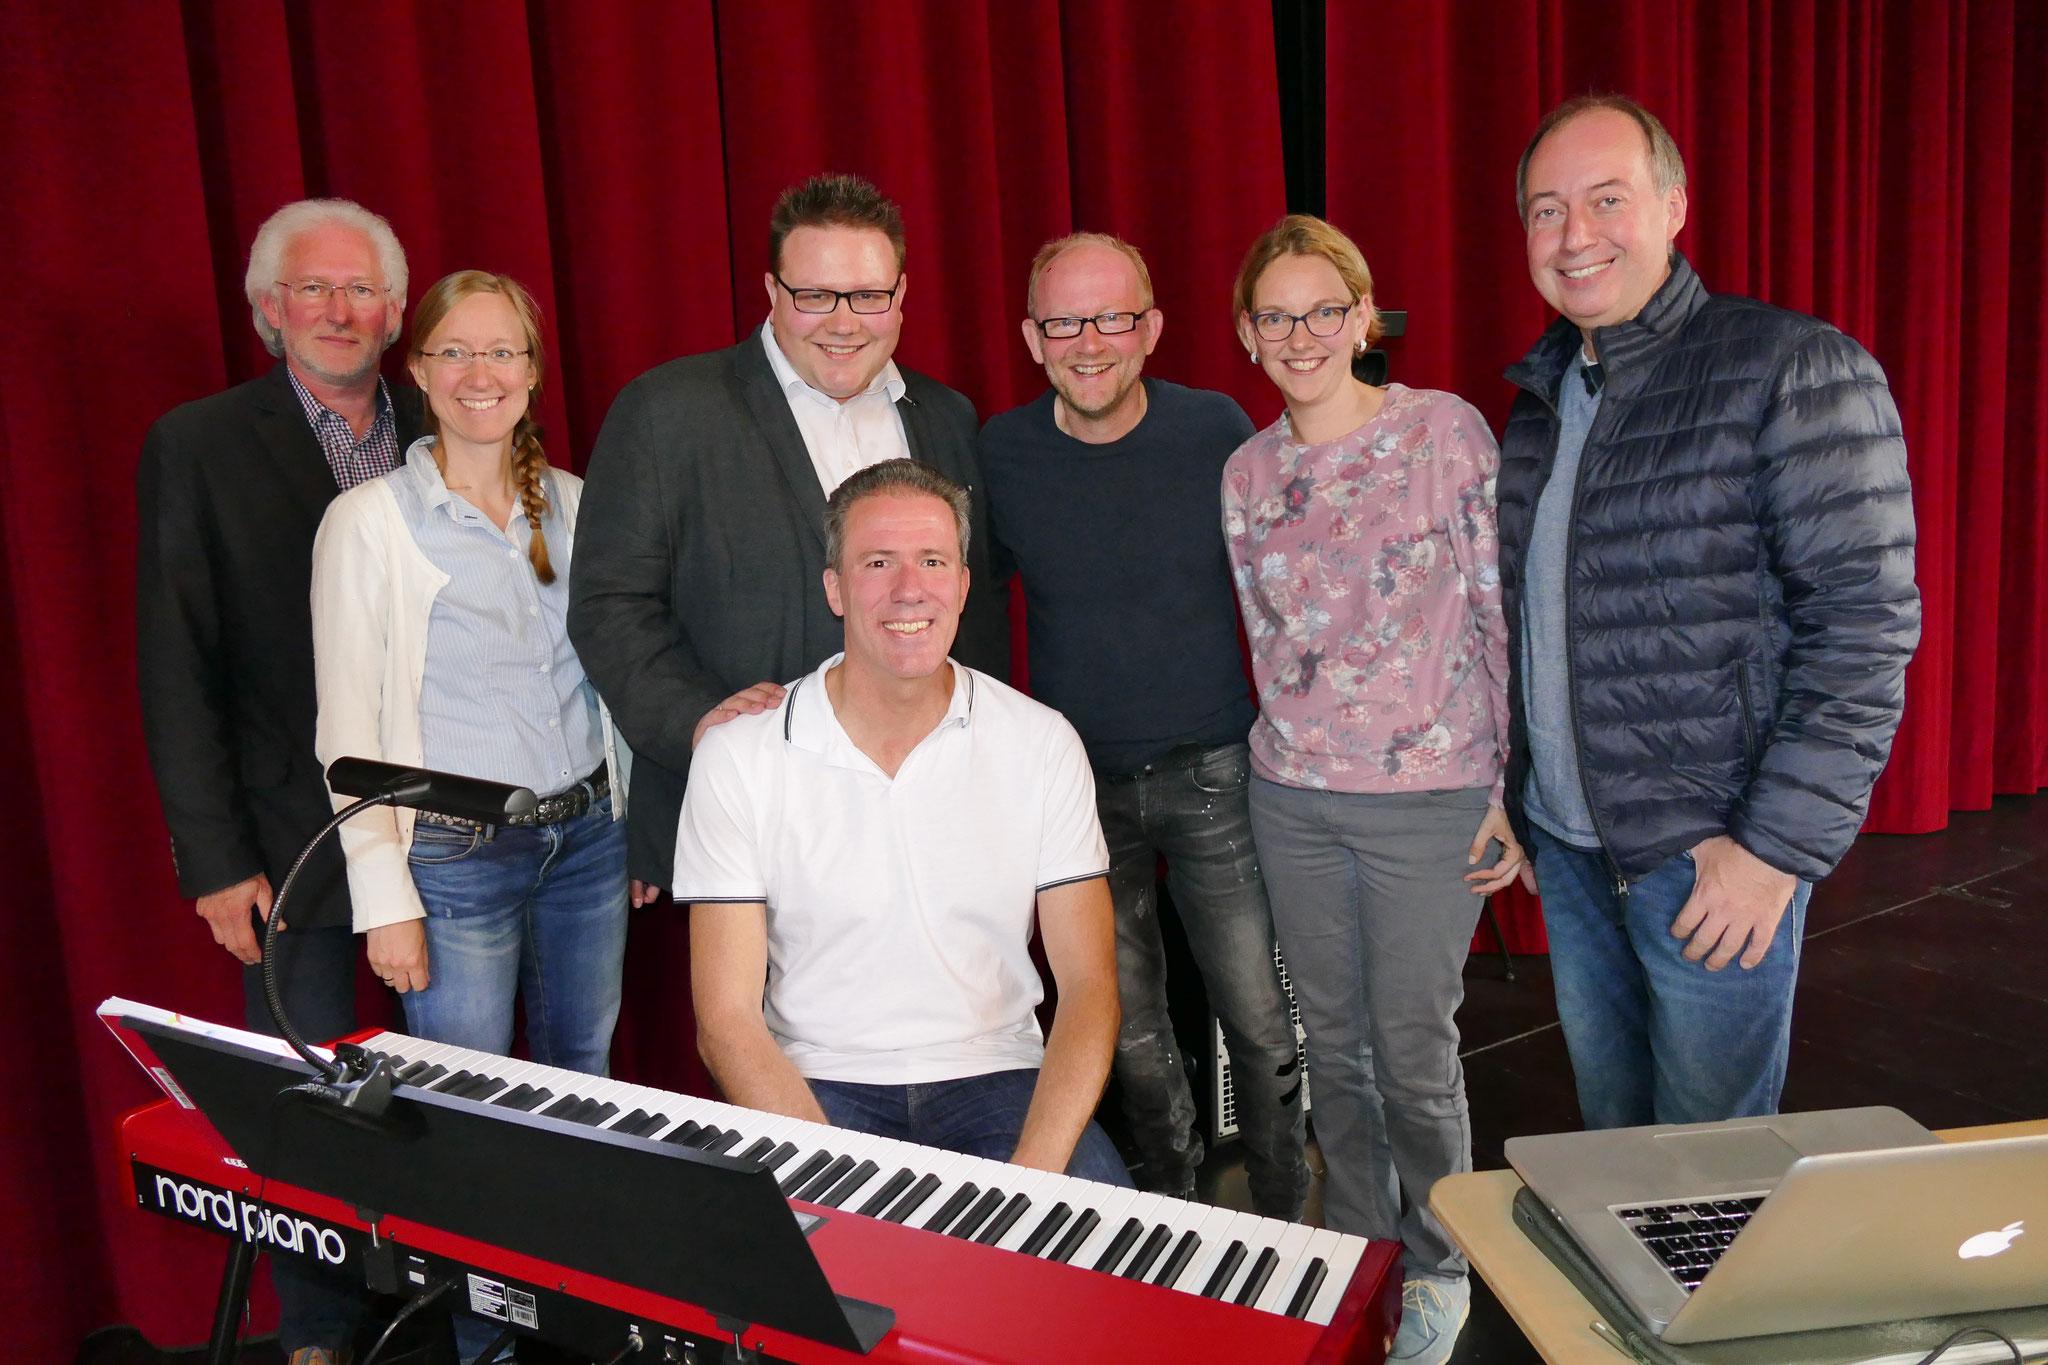 das Team der Chorleiter mit Jason Weaver und Dominik Lapp